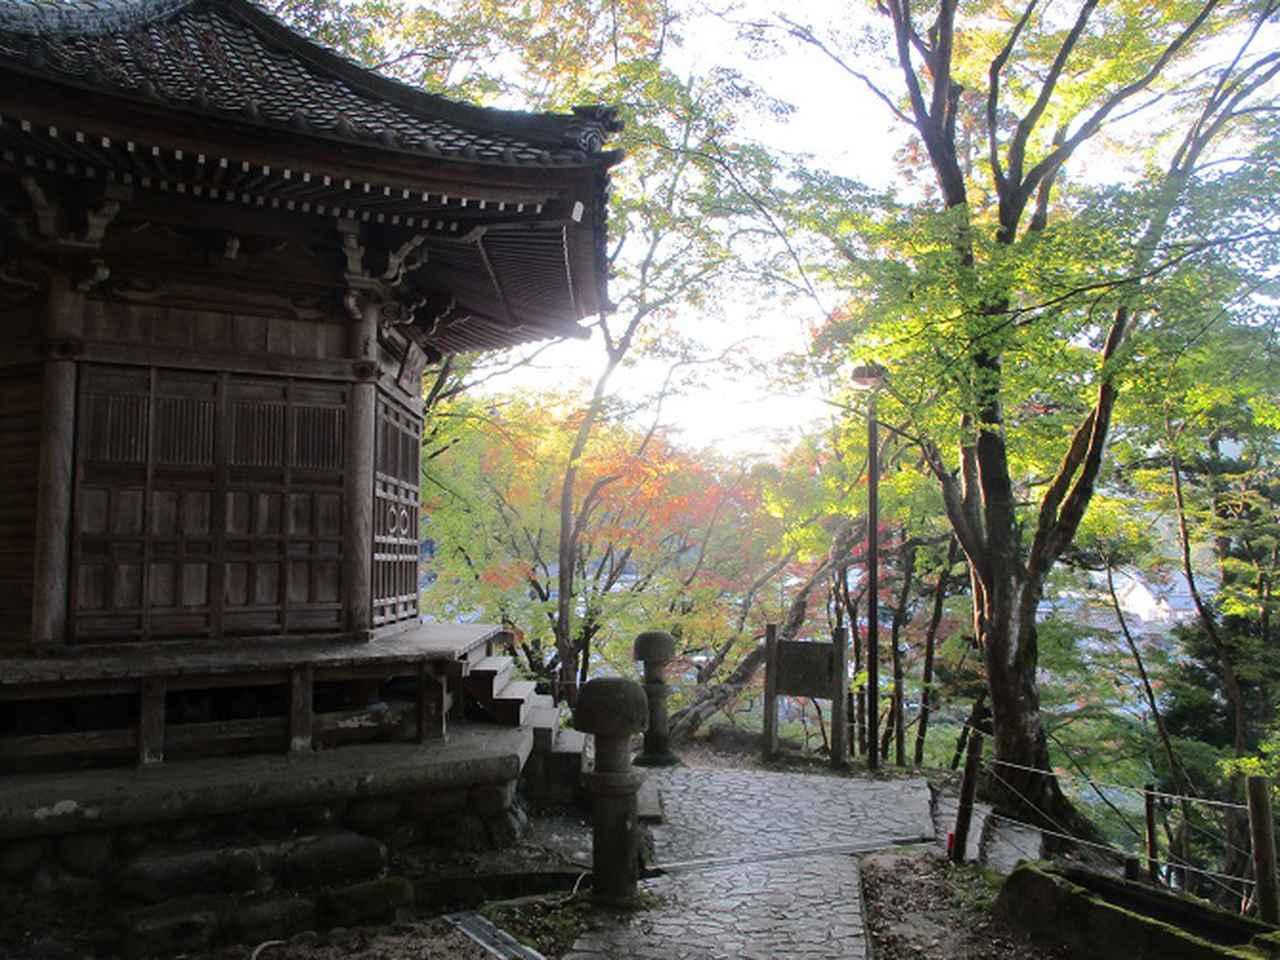 画像5: 11月の山旅会「香嵐渓と鳳来寺山」の下見に行ってきました!